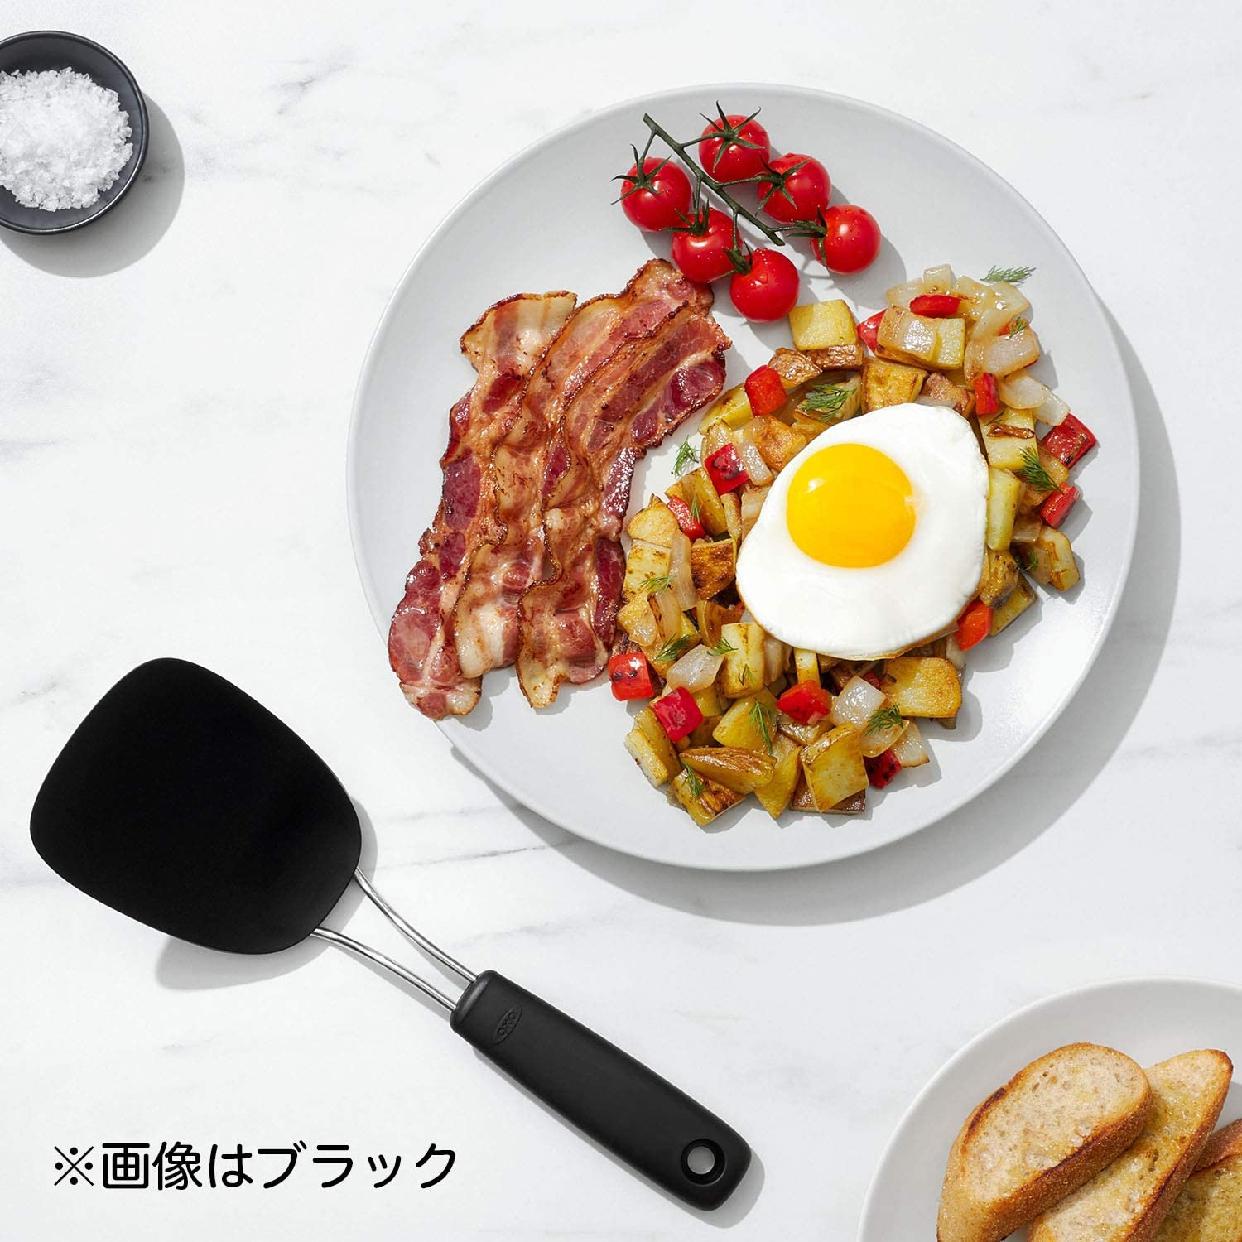 OXO(オクソー) ナイロンソフトターナー トマト 11152200の商品画像7